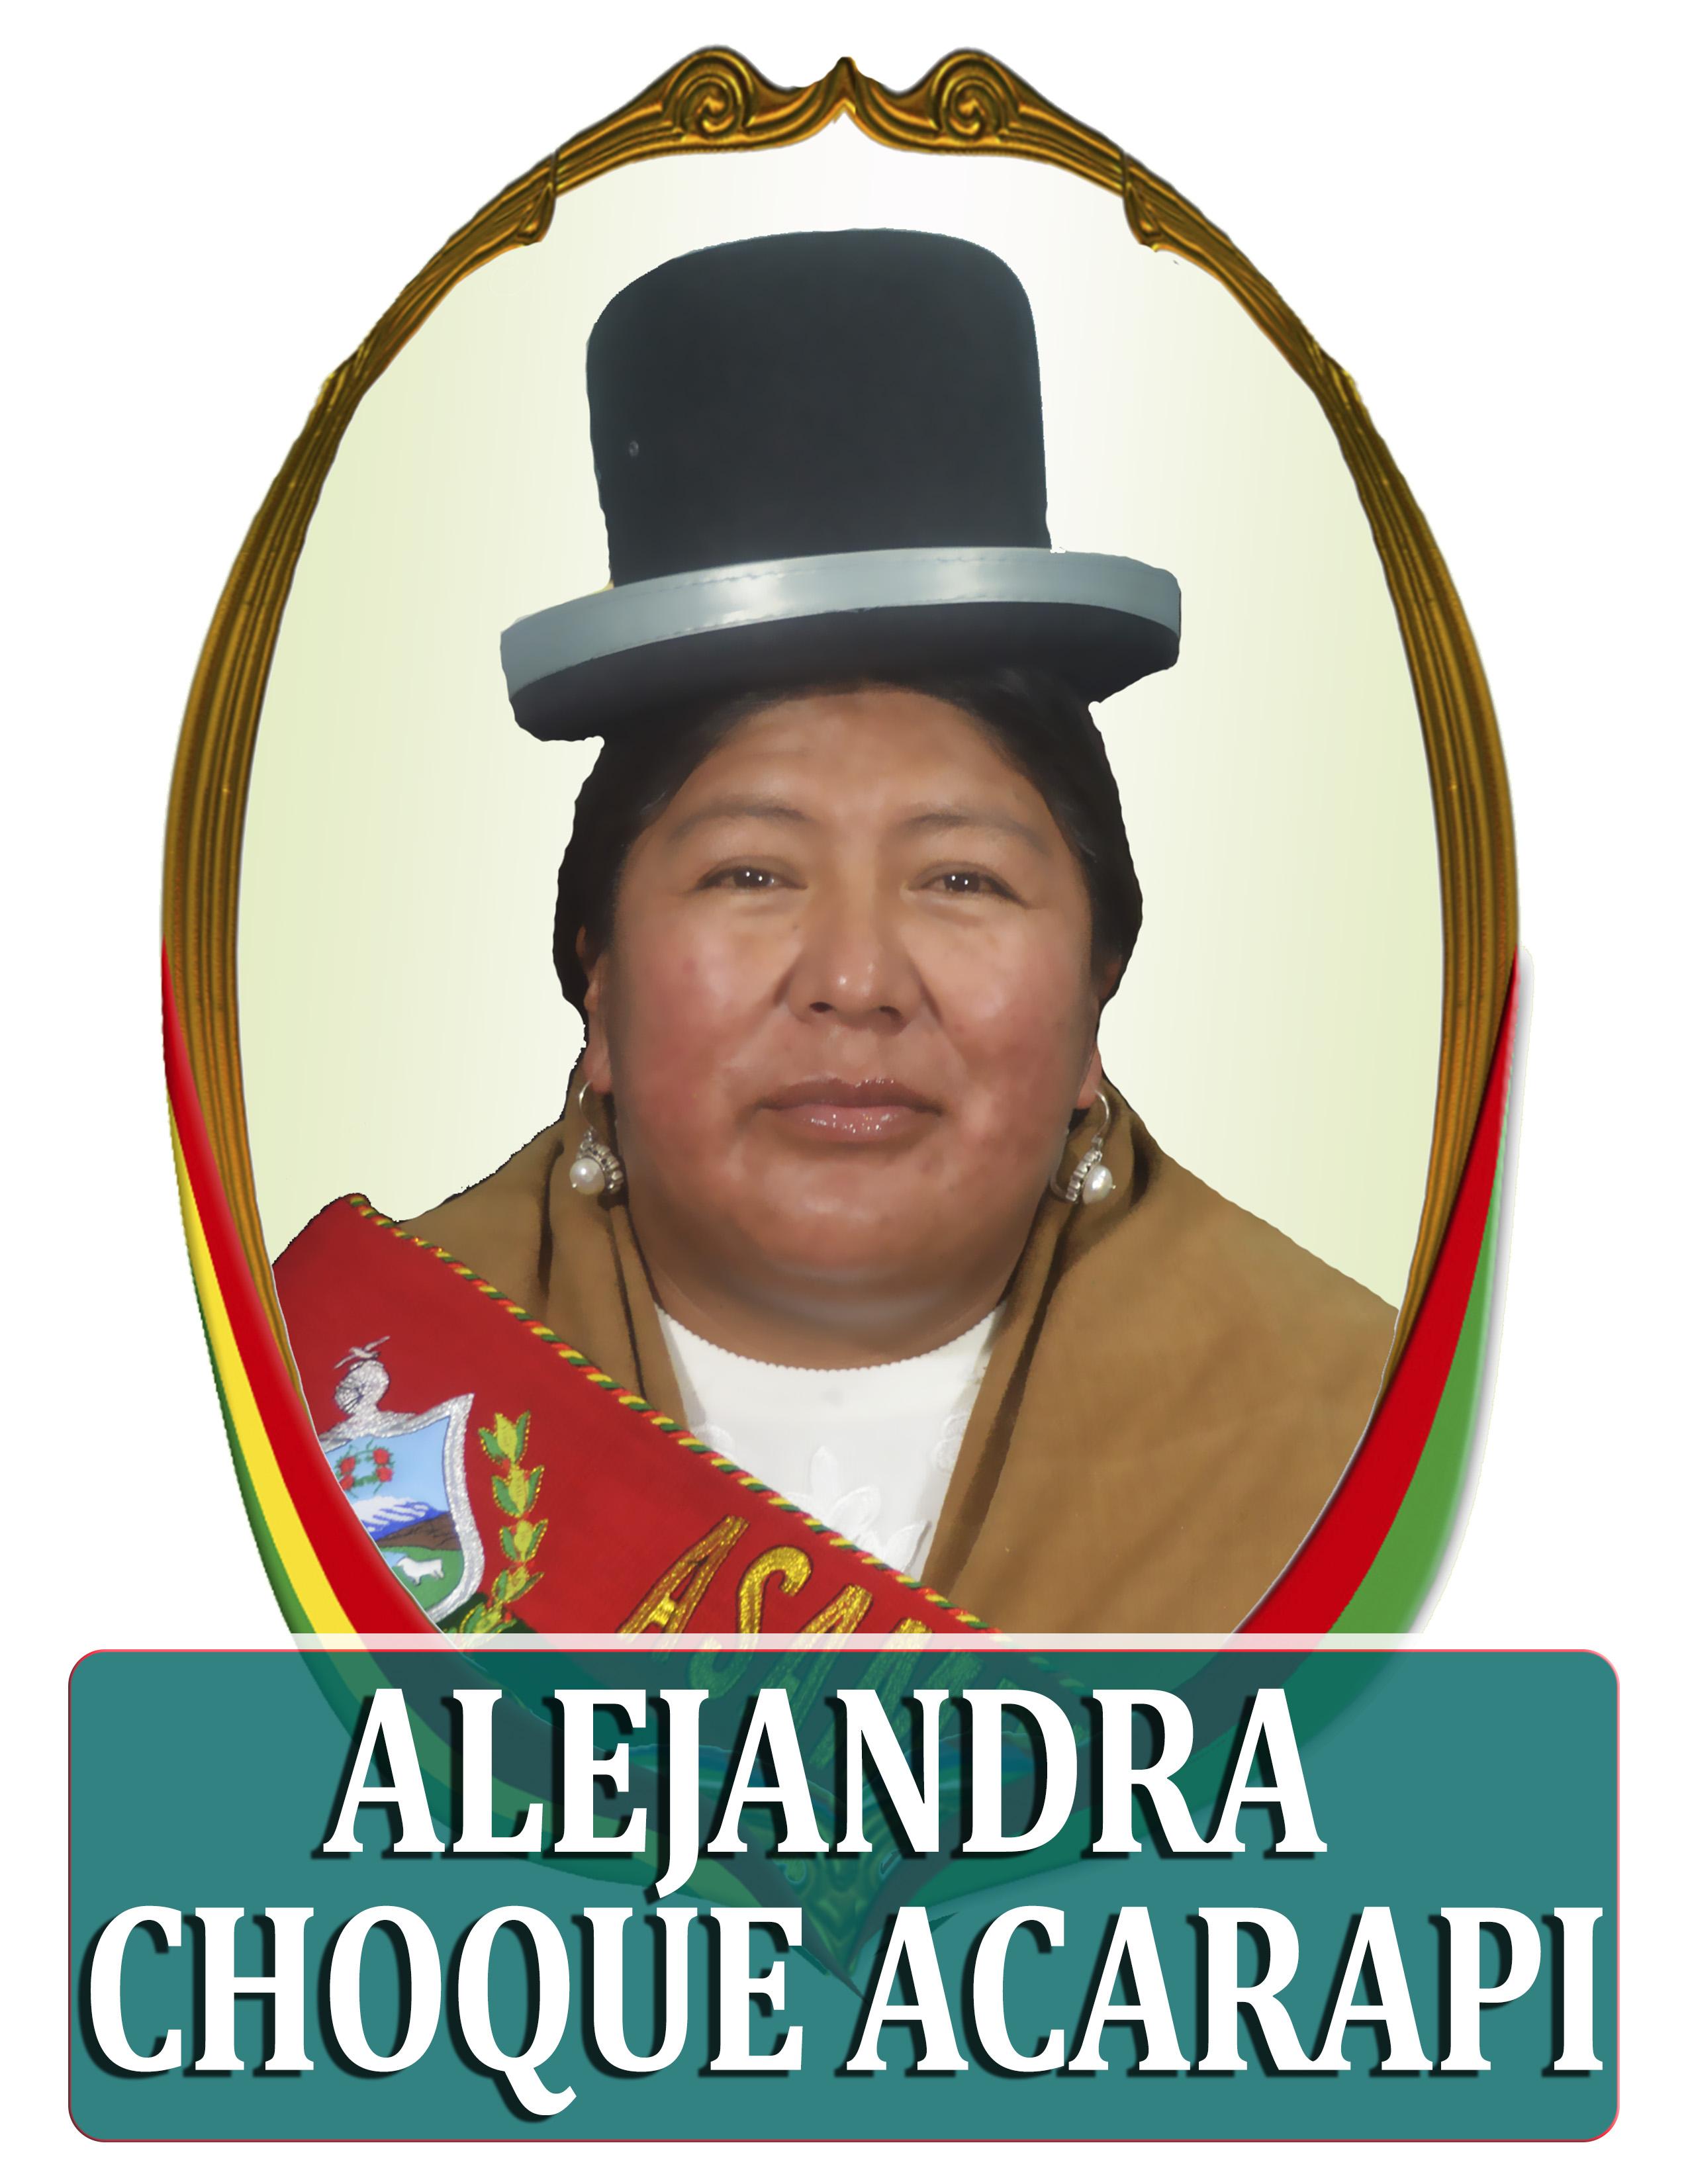 ALEJANDRA CHOQUE ACARAPI